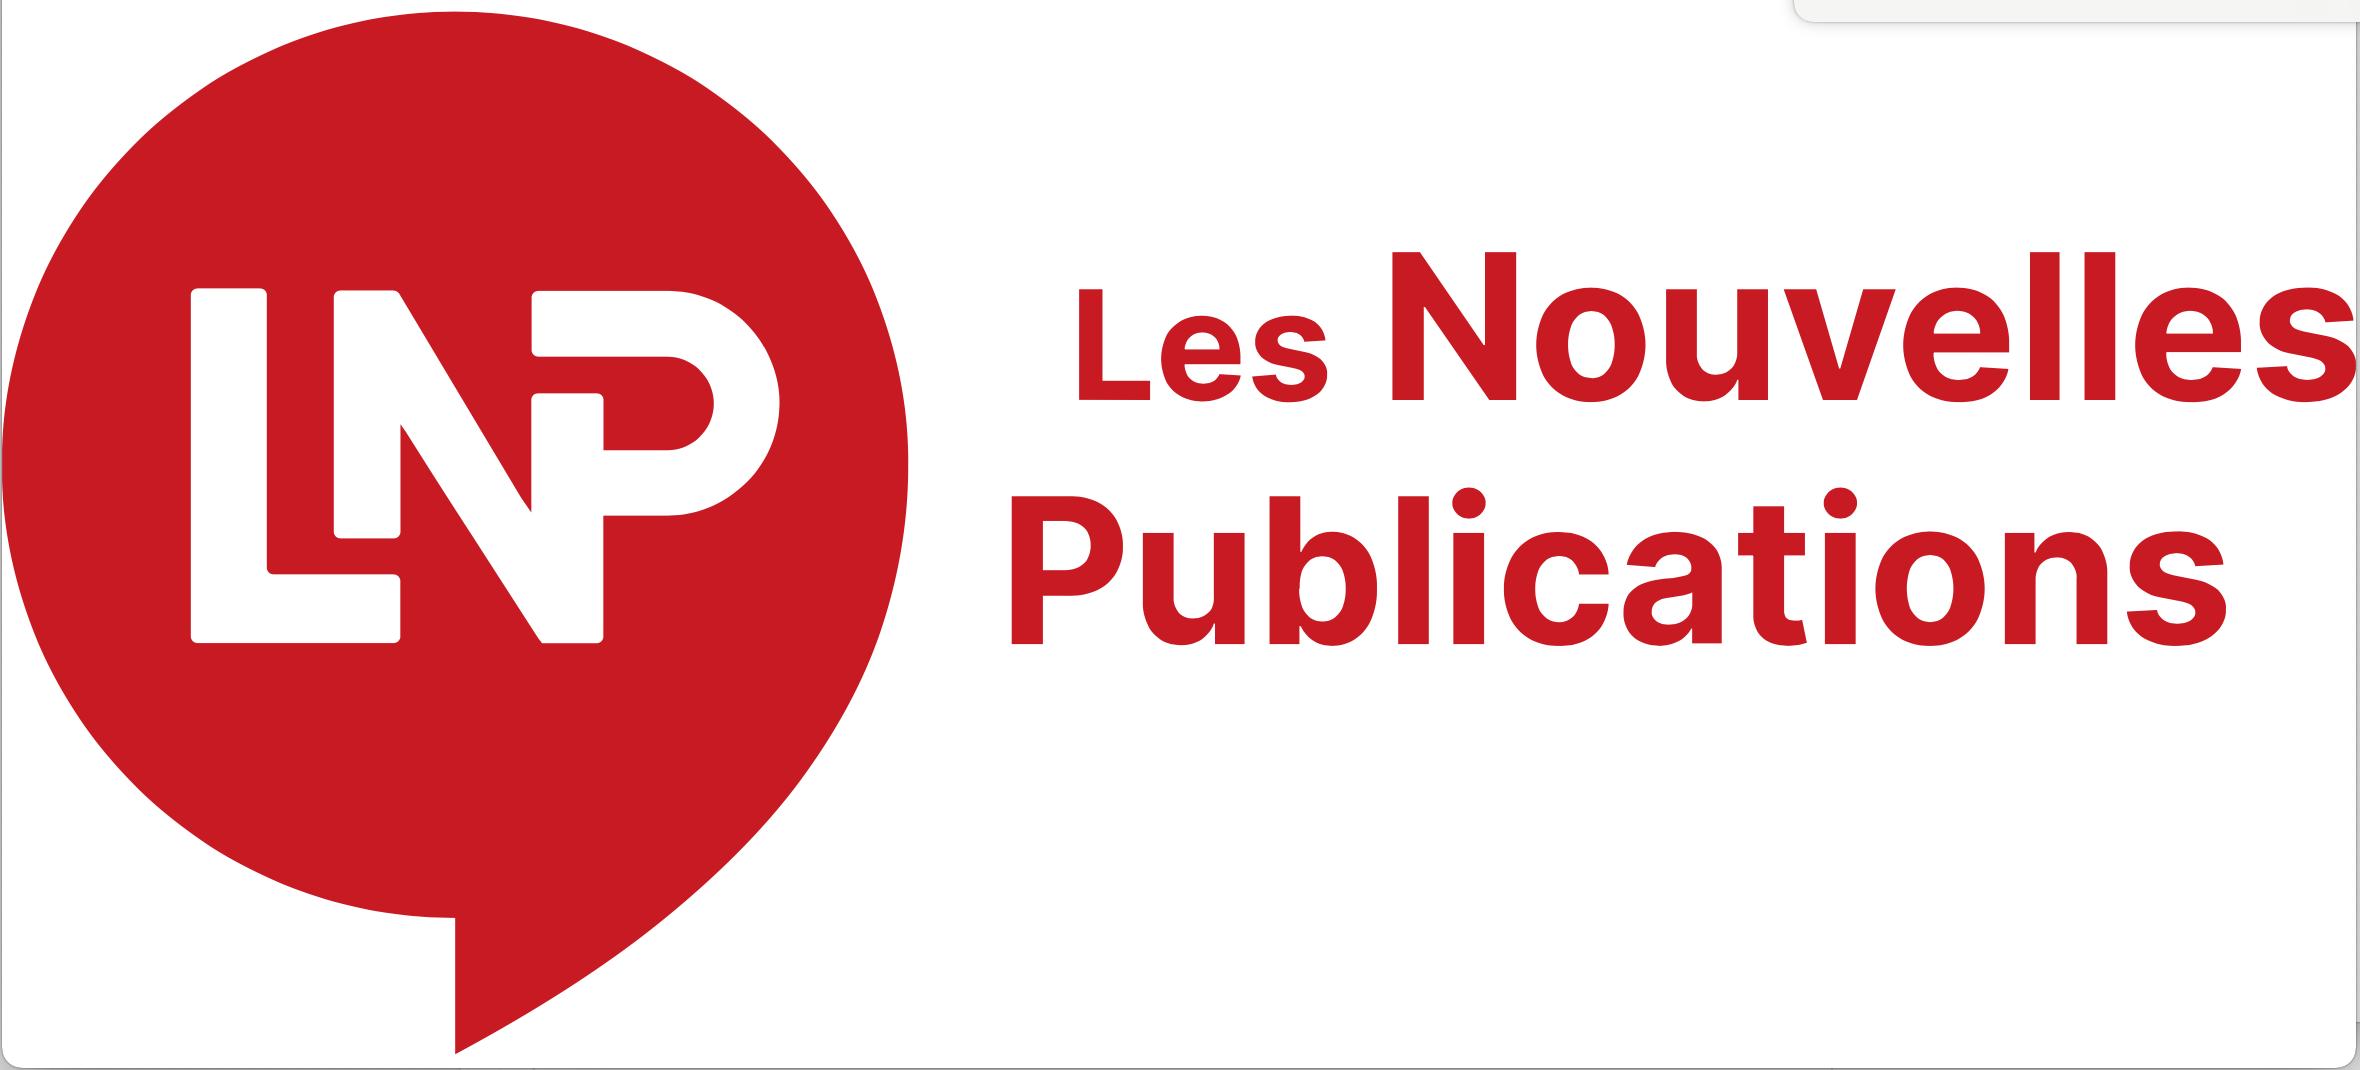 Les Nouvelles Publications